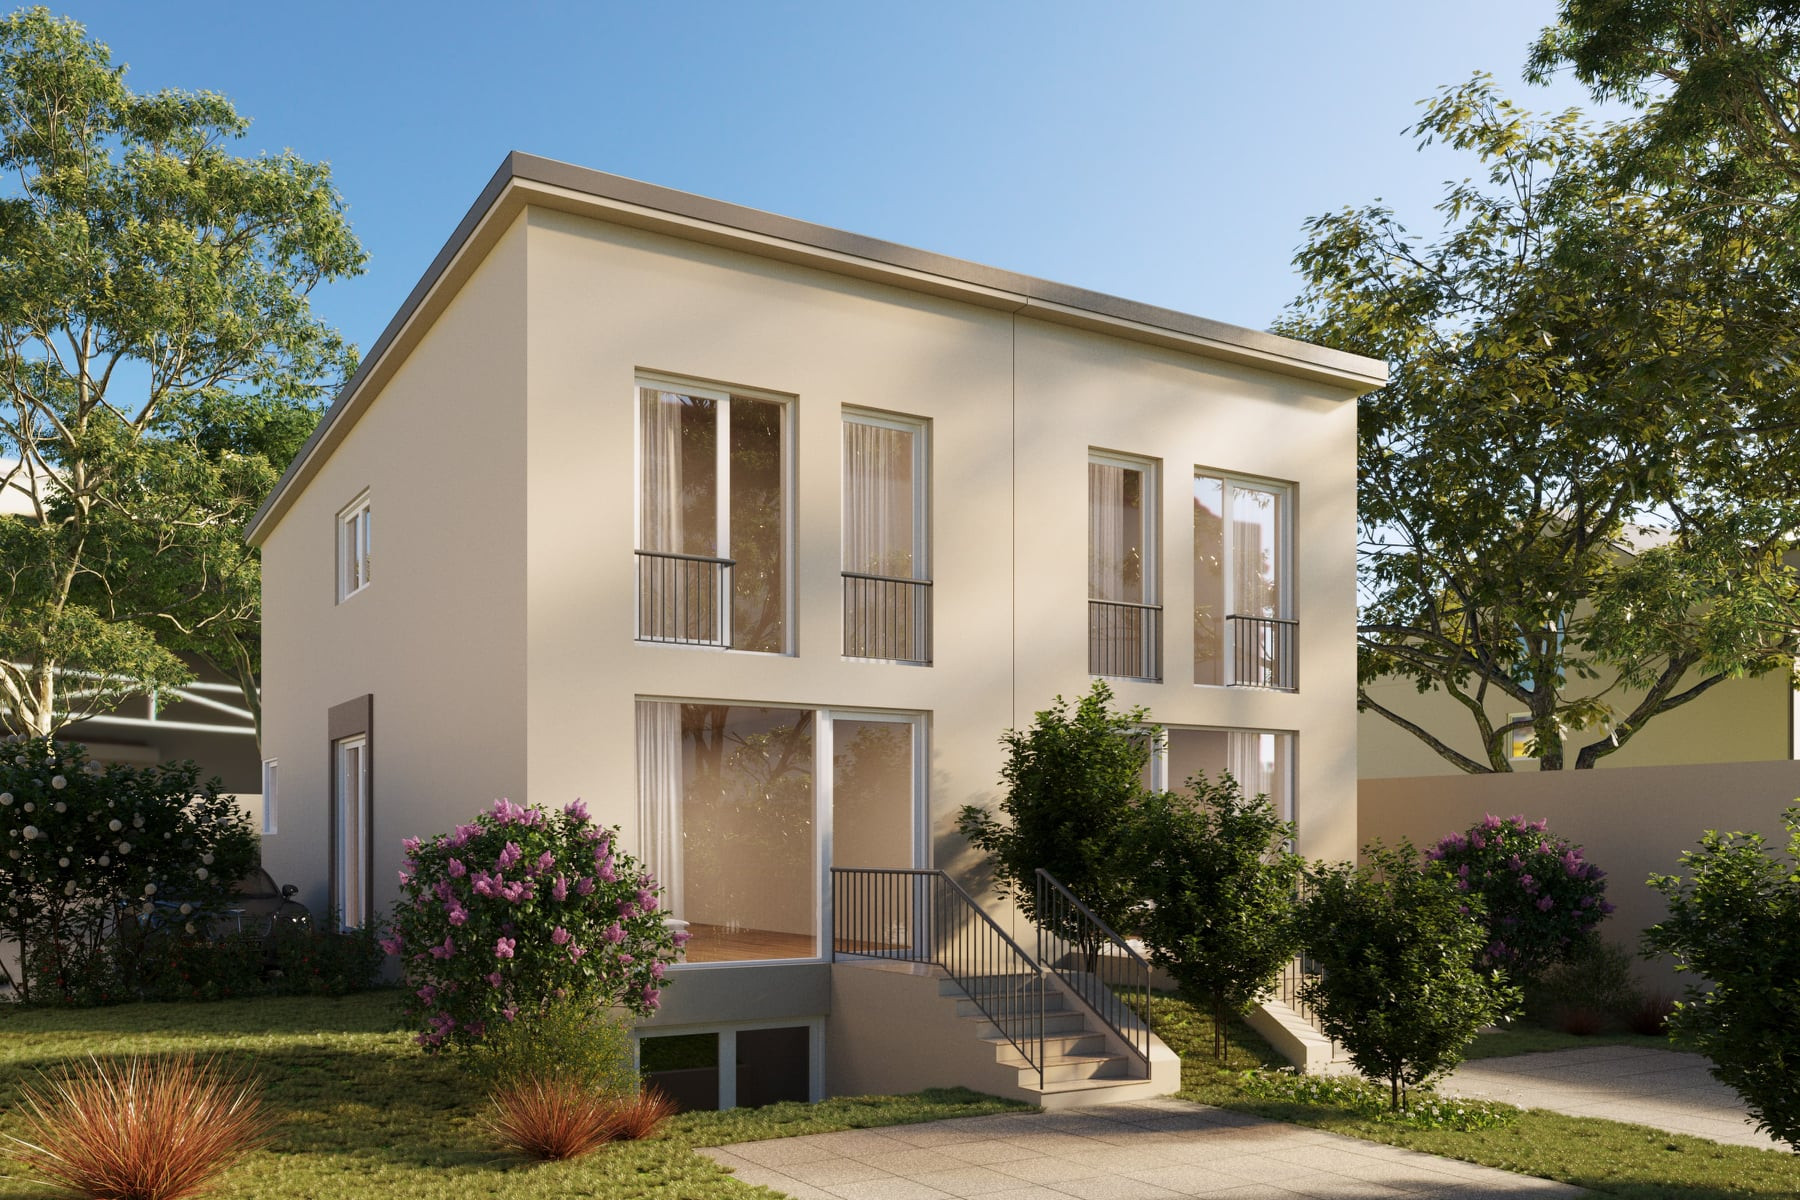 Beispiel Assenvisualisierung Doppelhaus.